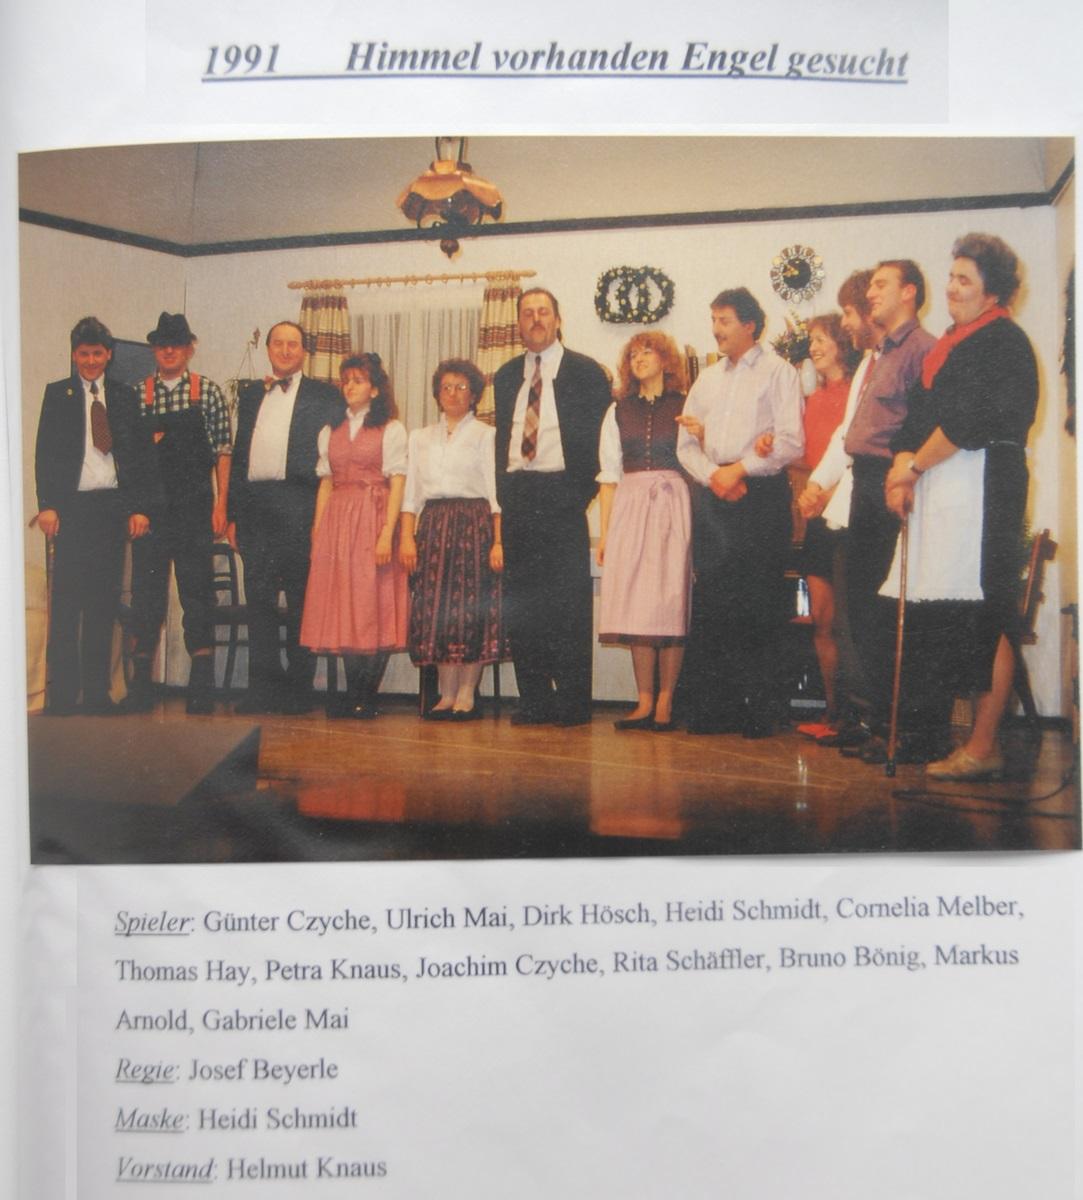 KSC-Theater-1991-Himmel-vorhanden-Engel-gesucht